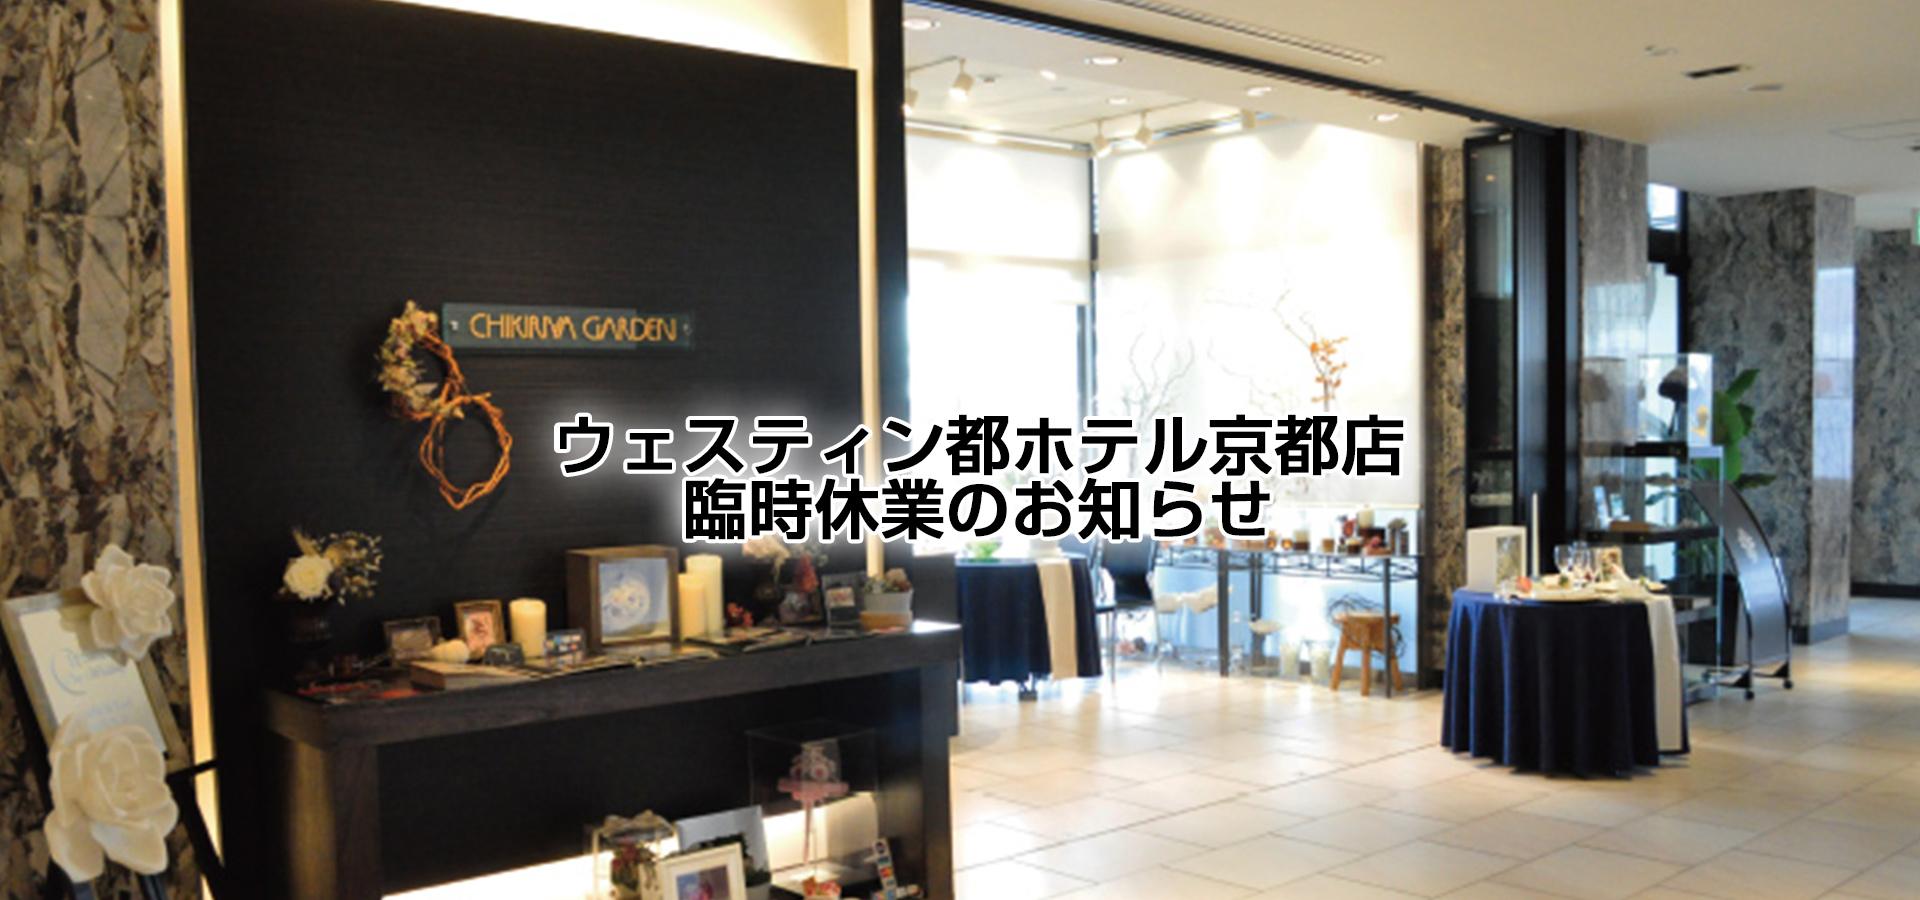 ウェスティン都ホテル京都店臨時休業のお知らせ